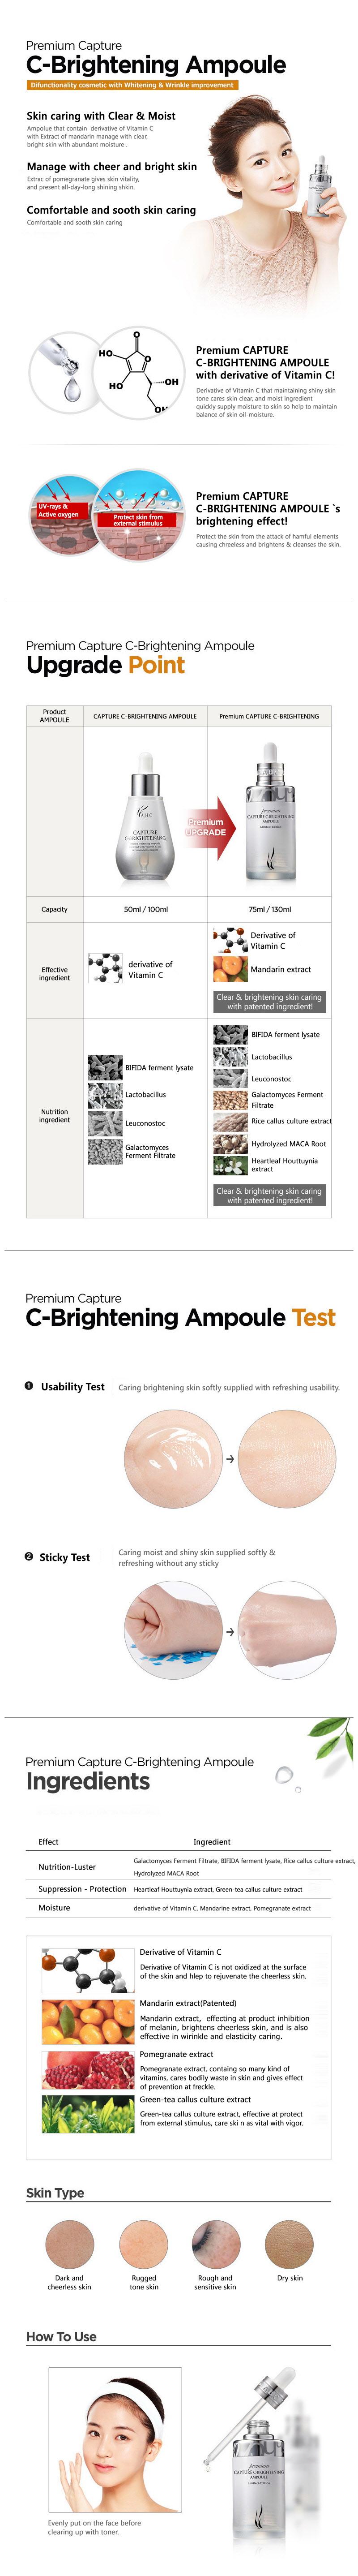 AHC Premium Capture C Brightening Ampoule 130ml malaysia singapore brunei